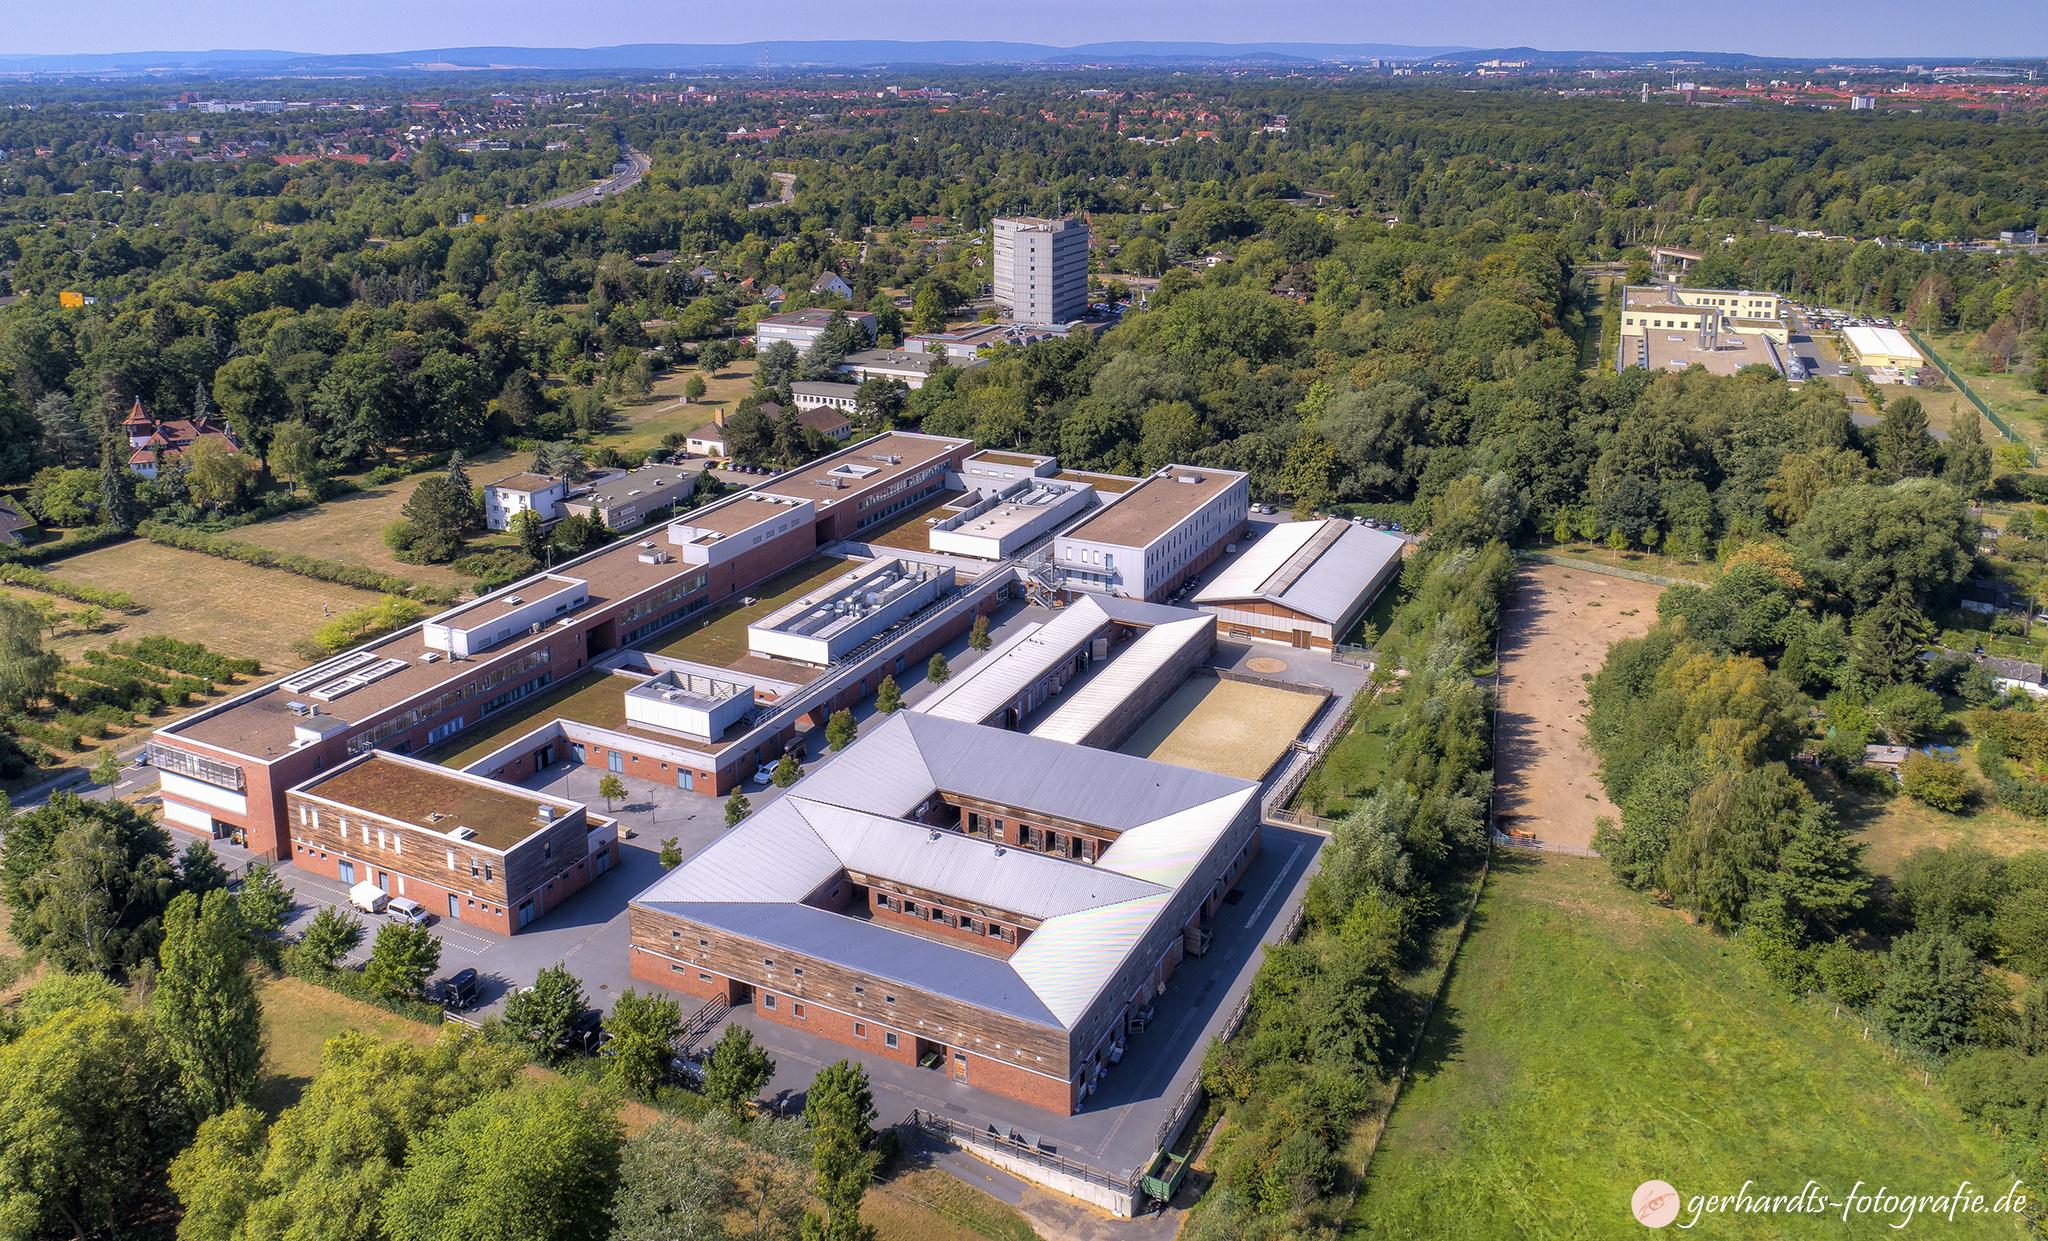 Tierärztliche Hochschule Hannover TiHo Luftbild - Luftbildfotografie Göttingen